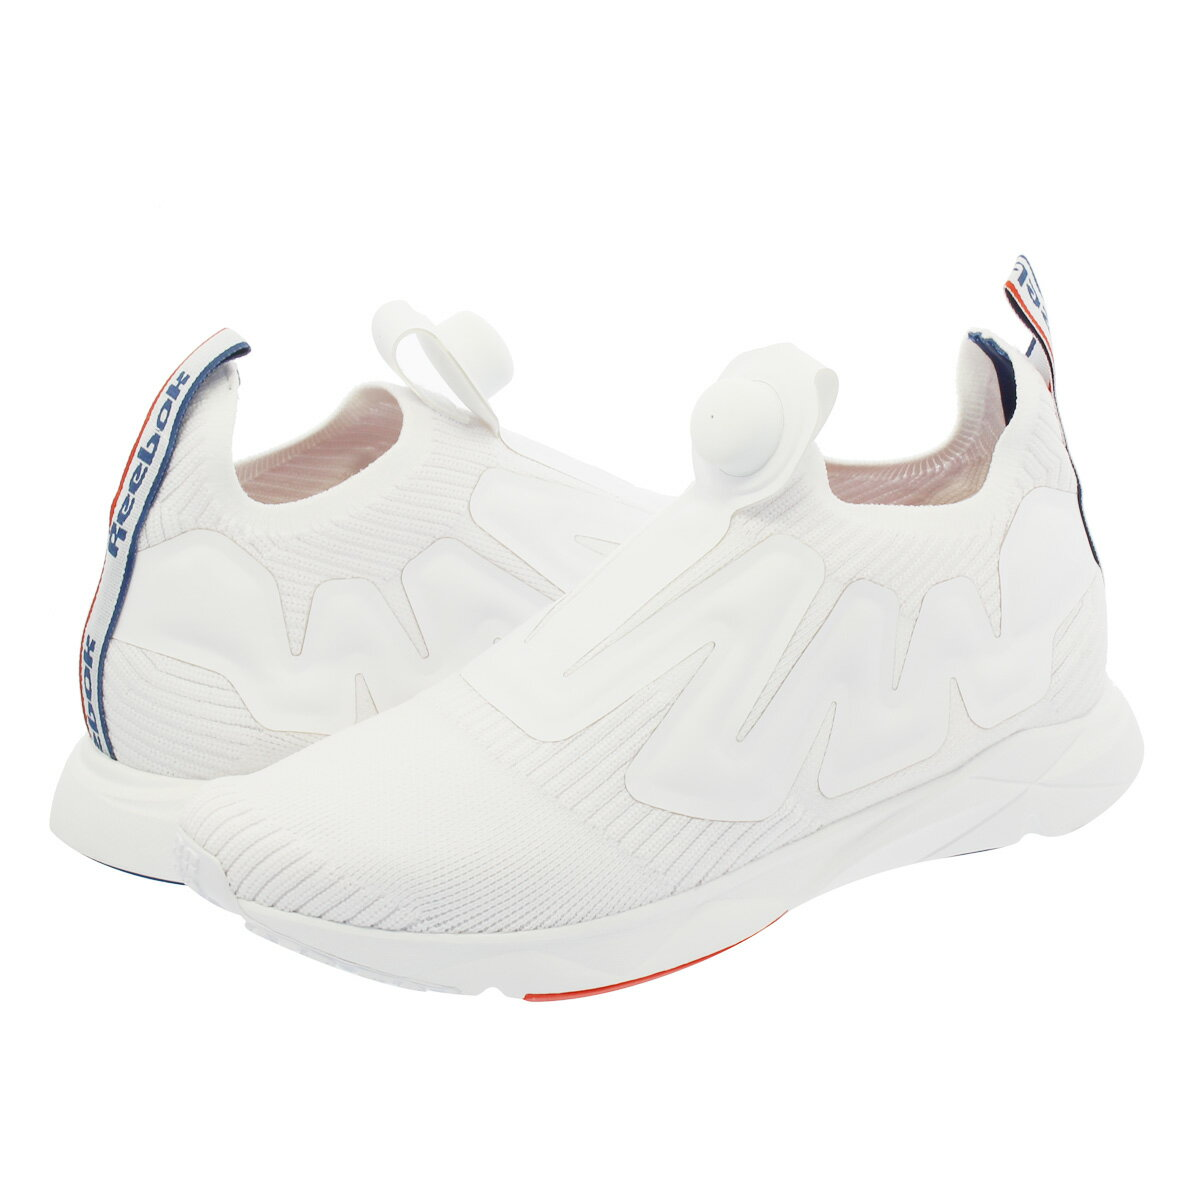 【お買い物マラソンSALE】 Reebok PUMP SUPREME リーボック ポンプ シュプリーム ARCHIVE/WHITE/CAROTENE/BUNKER BLUE